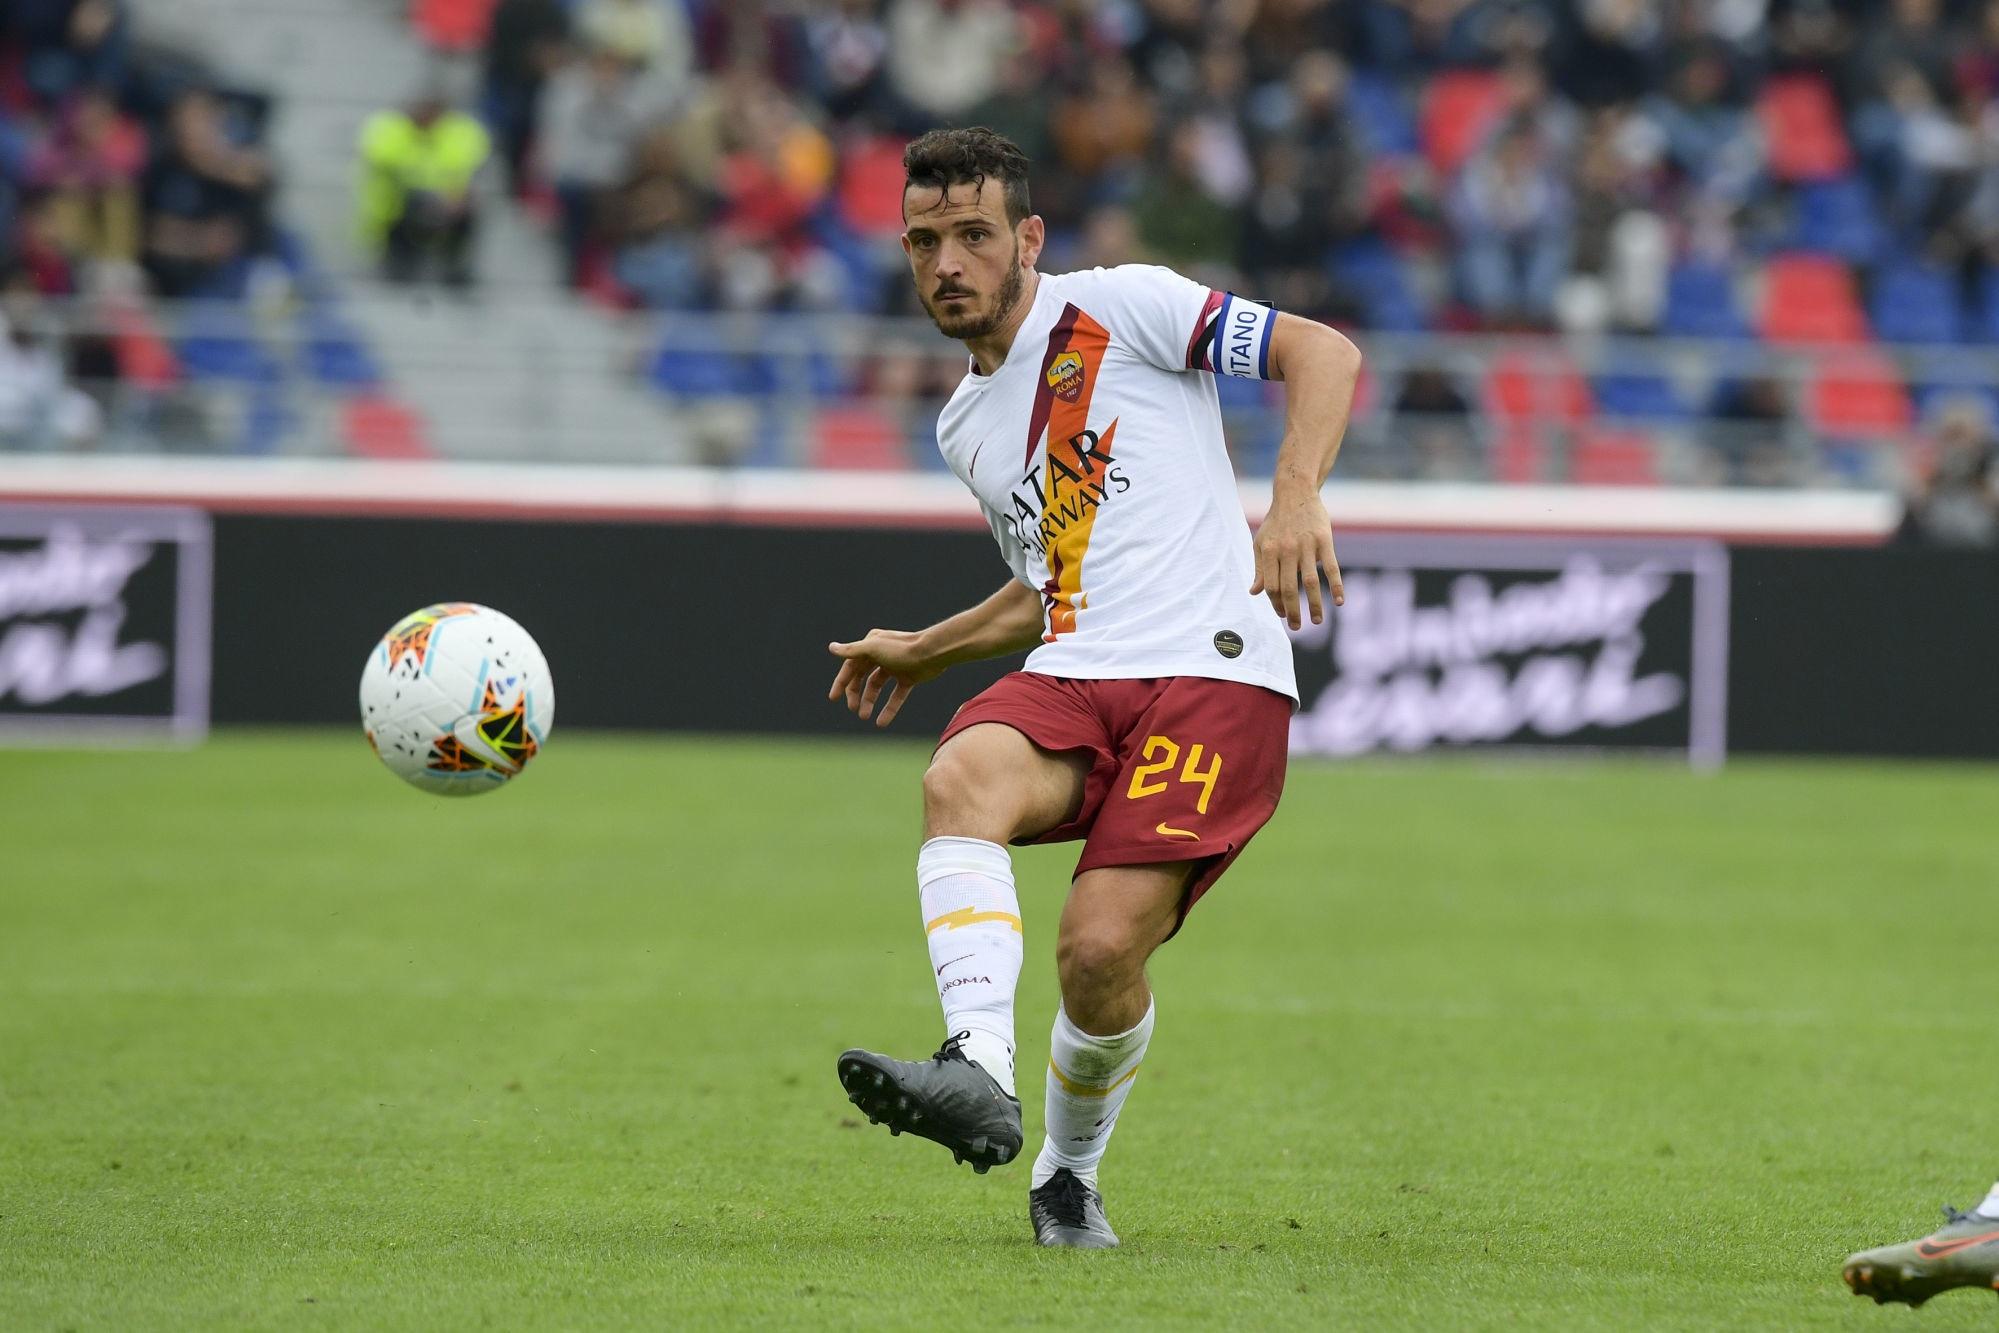 """Damiano fait l'éloge de Florenzi, mais il faut qu'il ait """"récupéré de ses grosses blessures"""""""